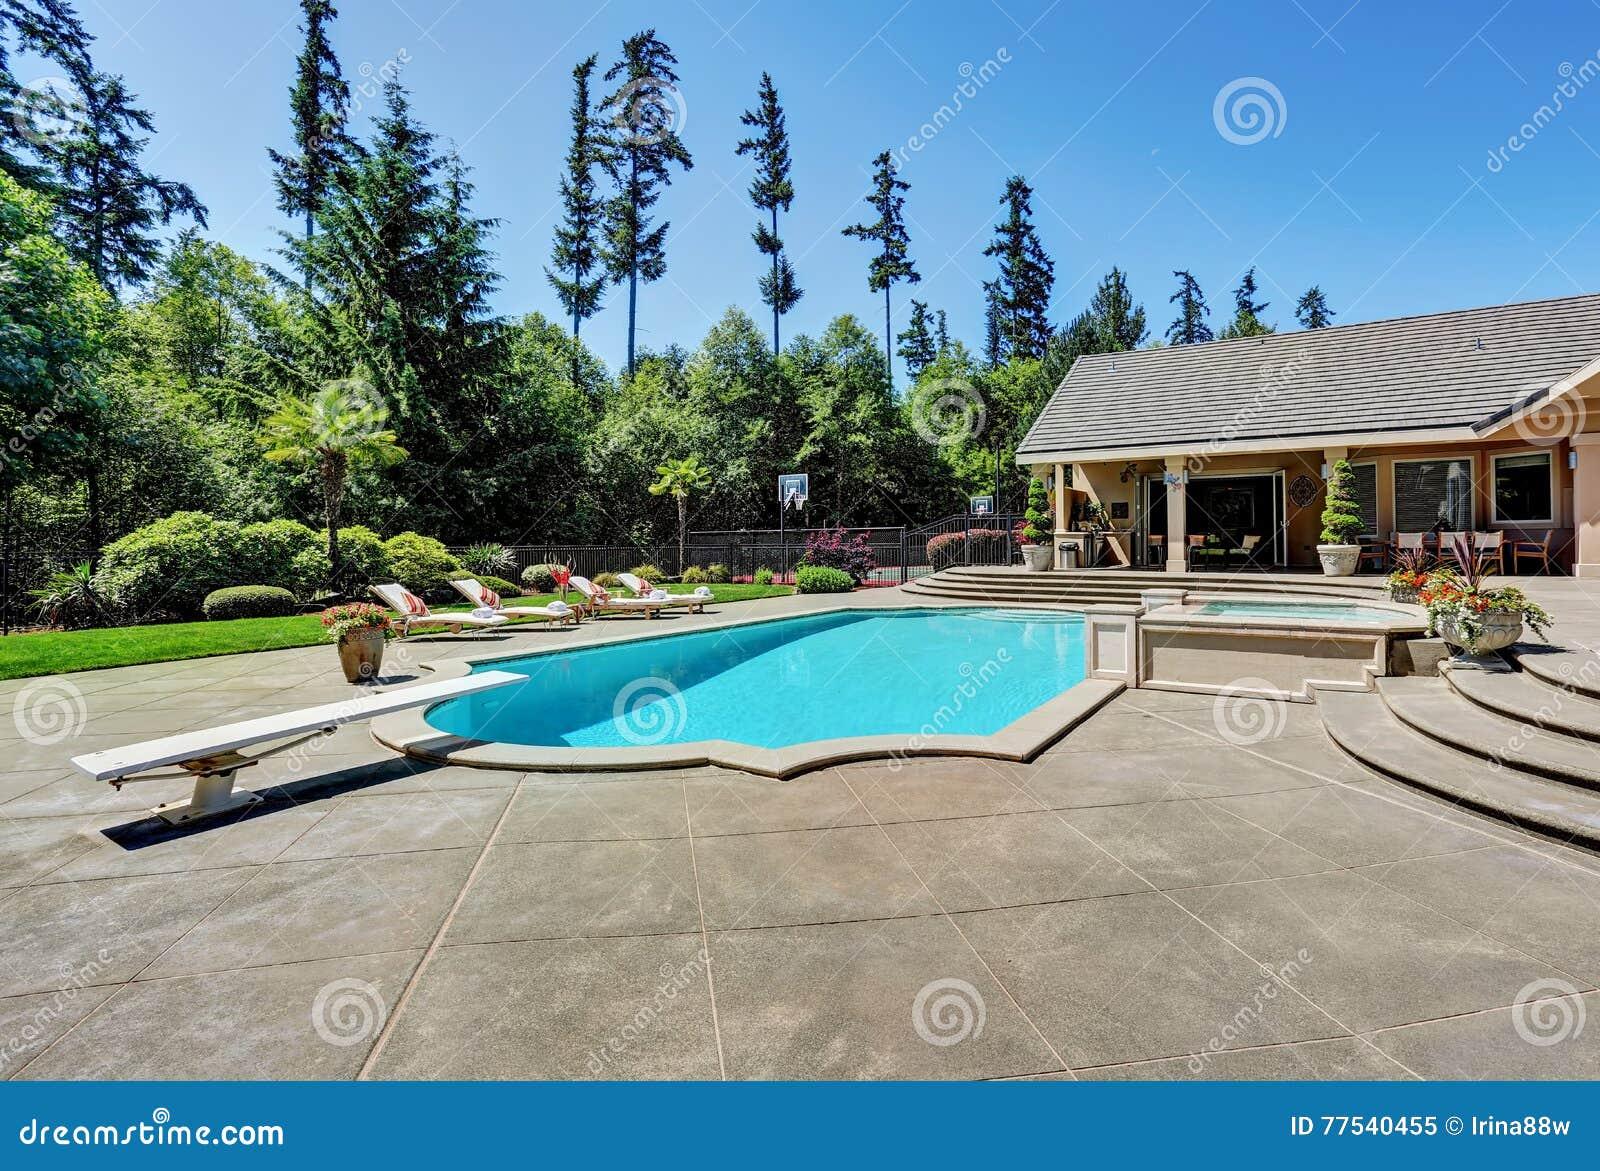 Great Backyard With Swimming Pool . American Suburban ...